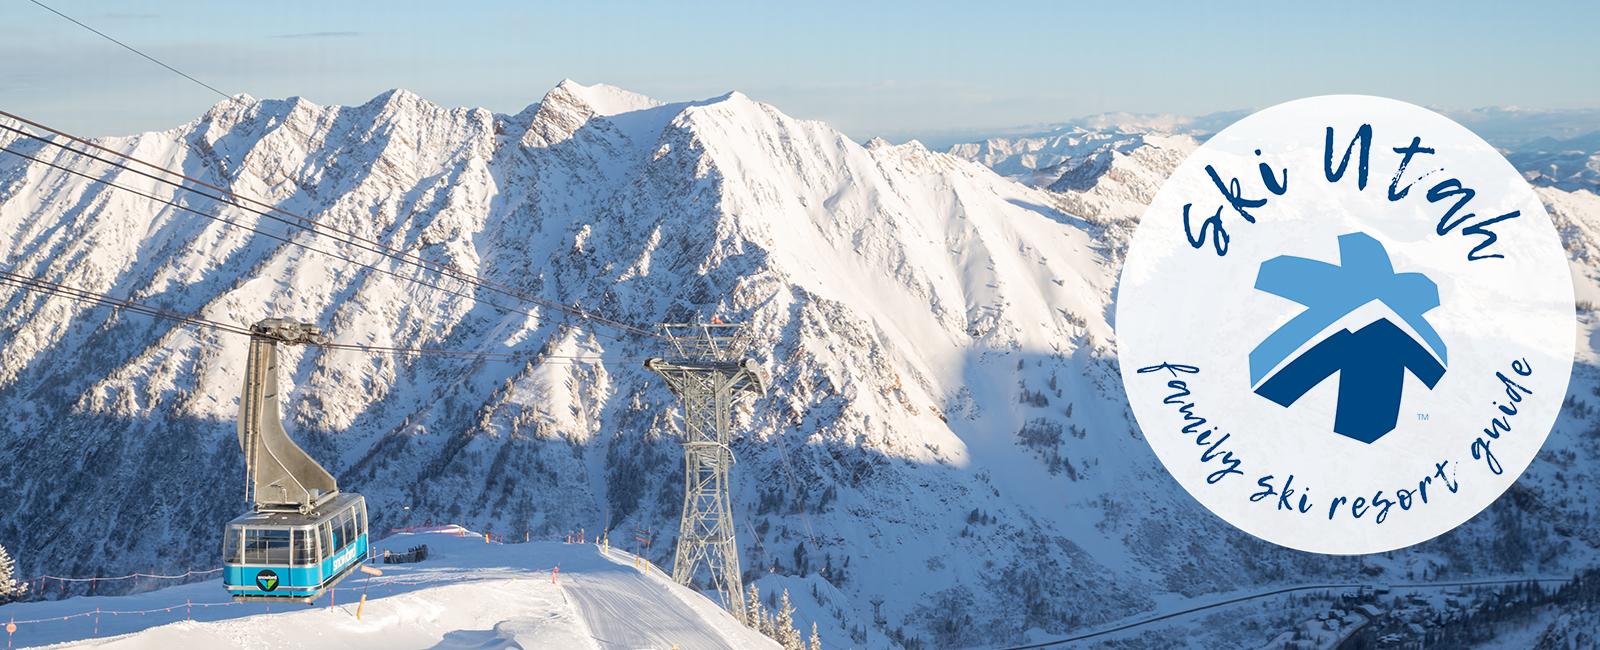 Family Ski Resort Guide | Snowbird